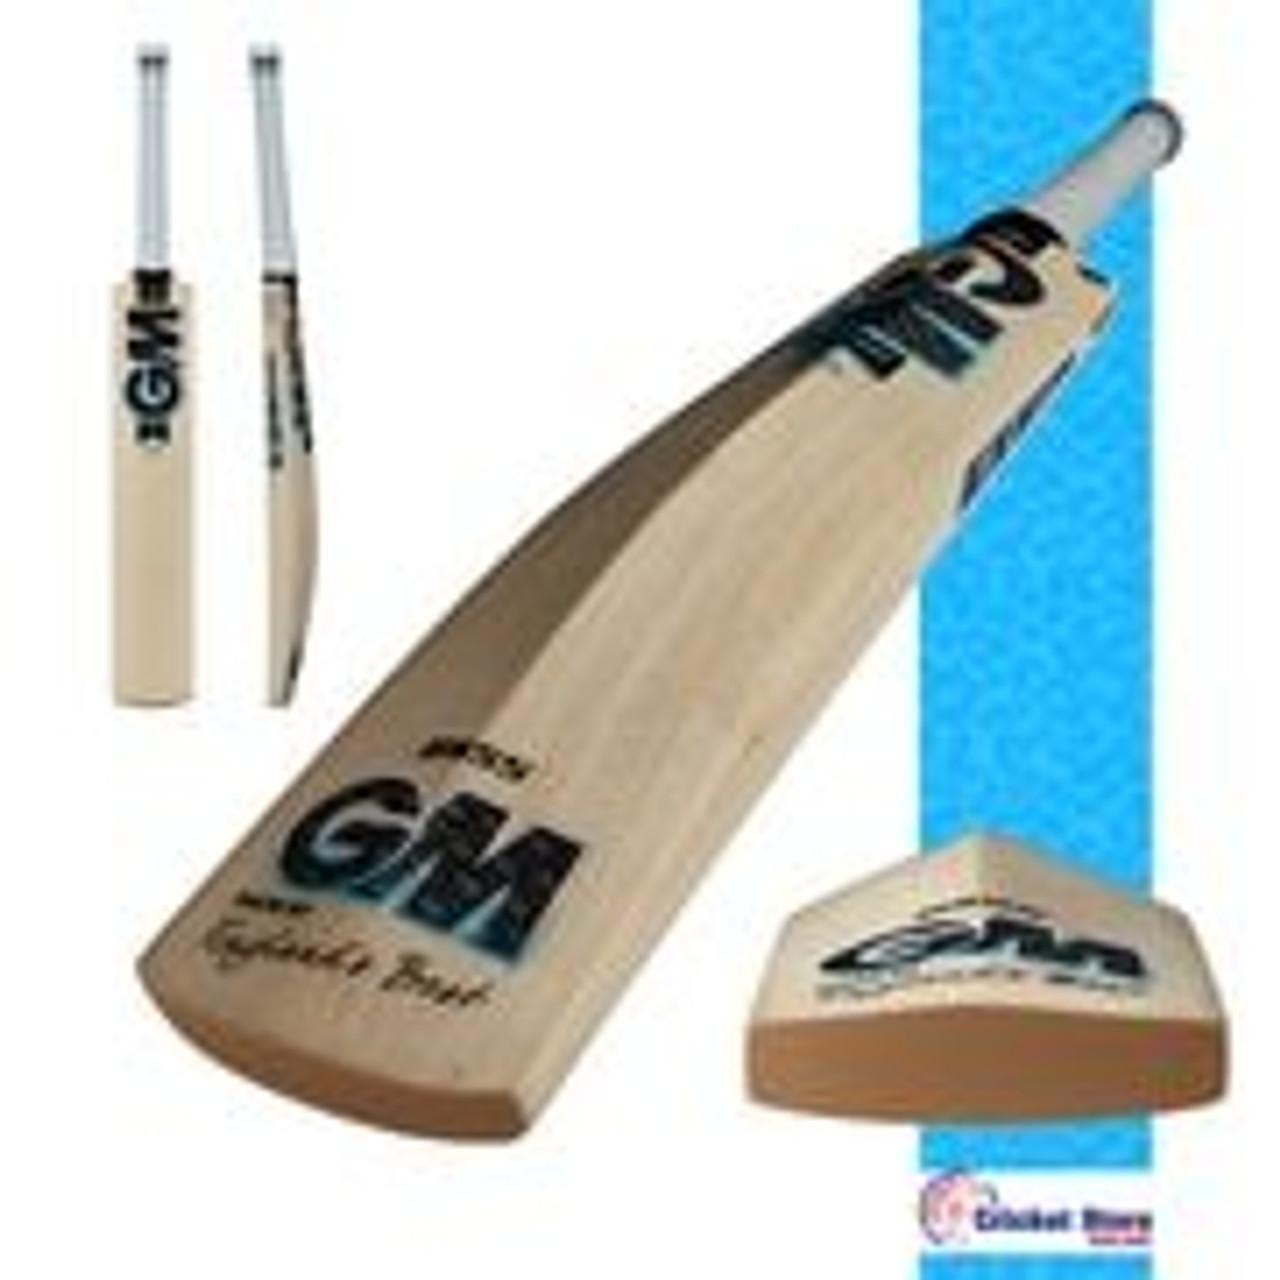 GM KAHA Cricket Bat